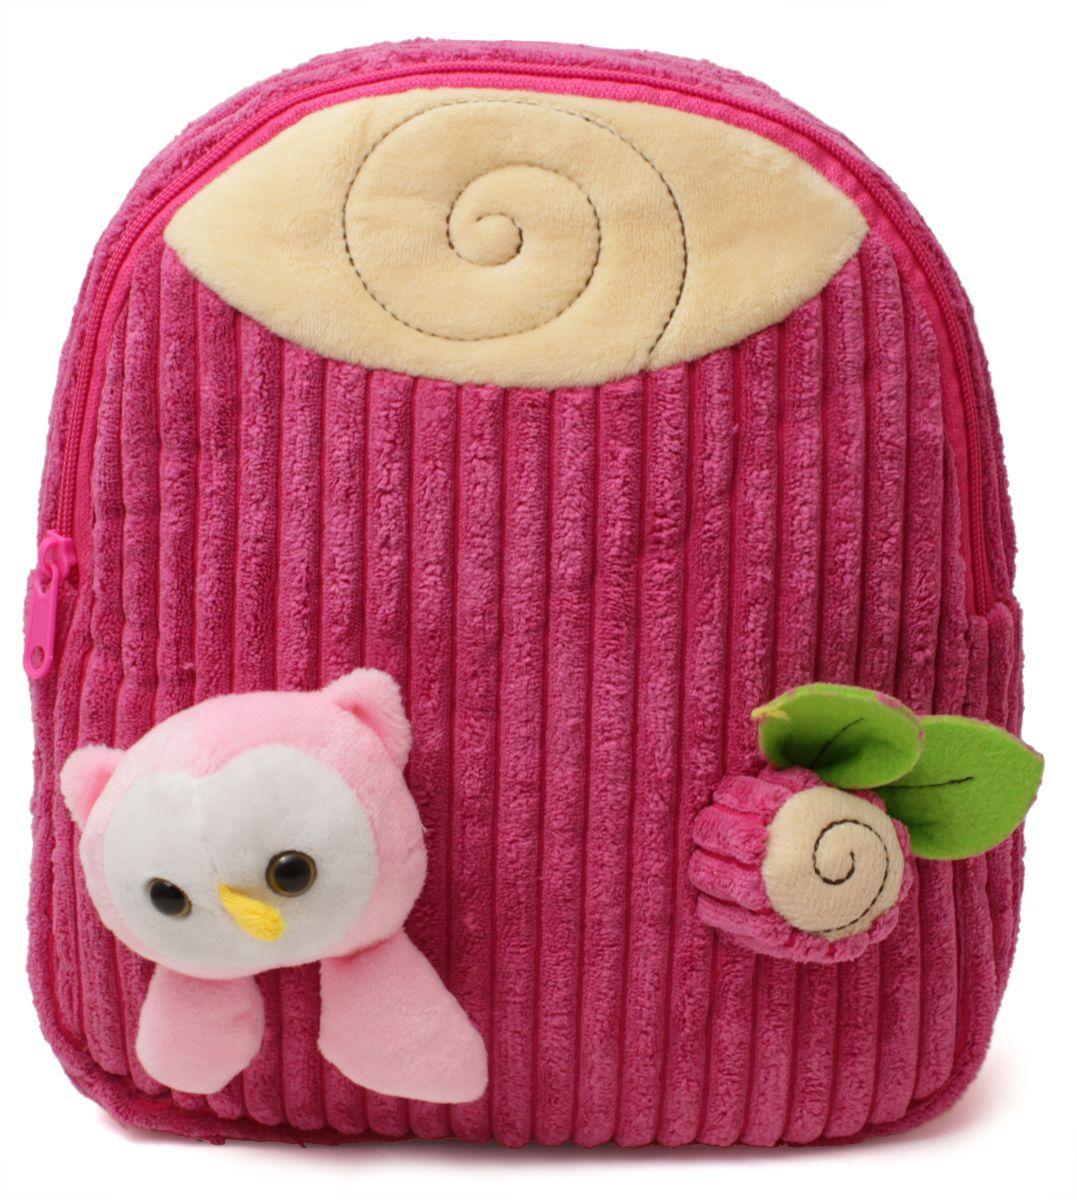 Феникс+ Рюкзак дошкольный Совенок43456Дошкольный рюкзак Феникс+ имеет одно большое отделение на застежке-молнии.Рюкзак оснащен ручкой для переноски в руках и лямками регулируемой длины. Лицевая сторона рюкзака украшена объемными игрушками-аппликациями.Такой рюкзак идеально подойдет для хранения важных вещей, которые так необходимы детям на детской площадке, во время прогулки или на пикнике.